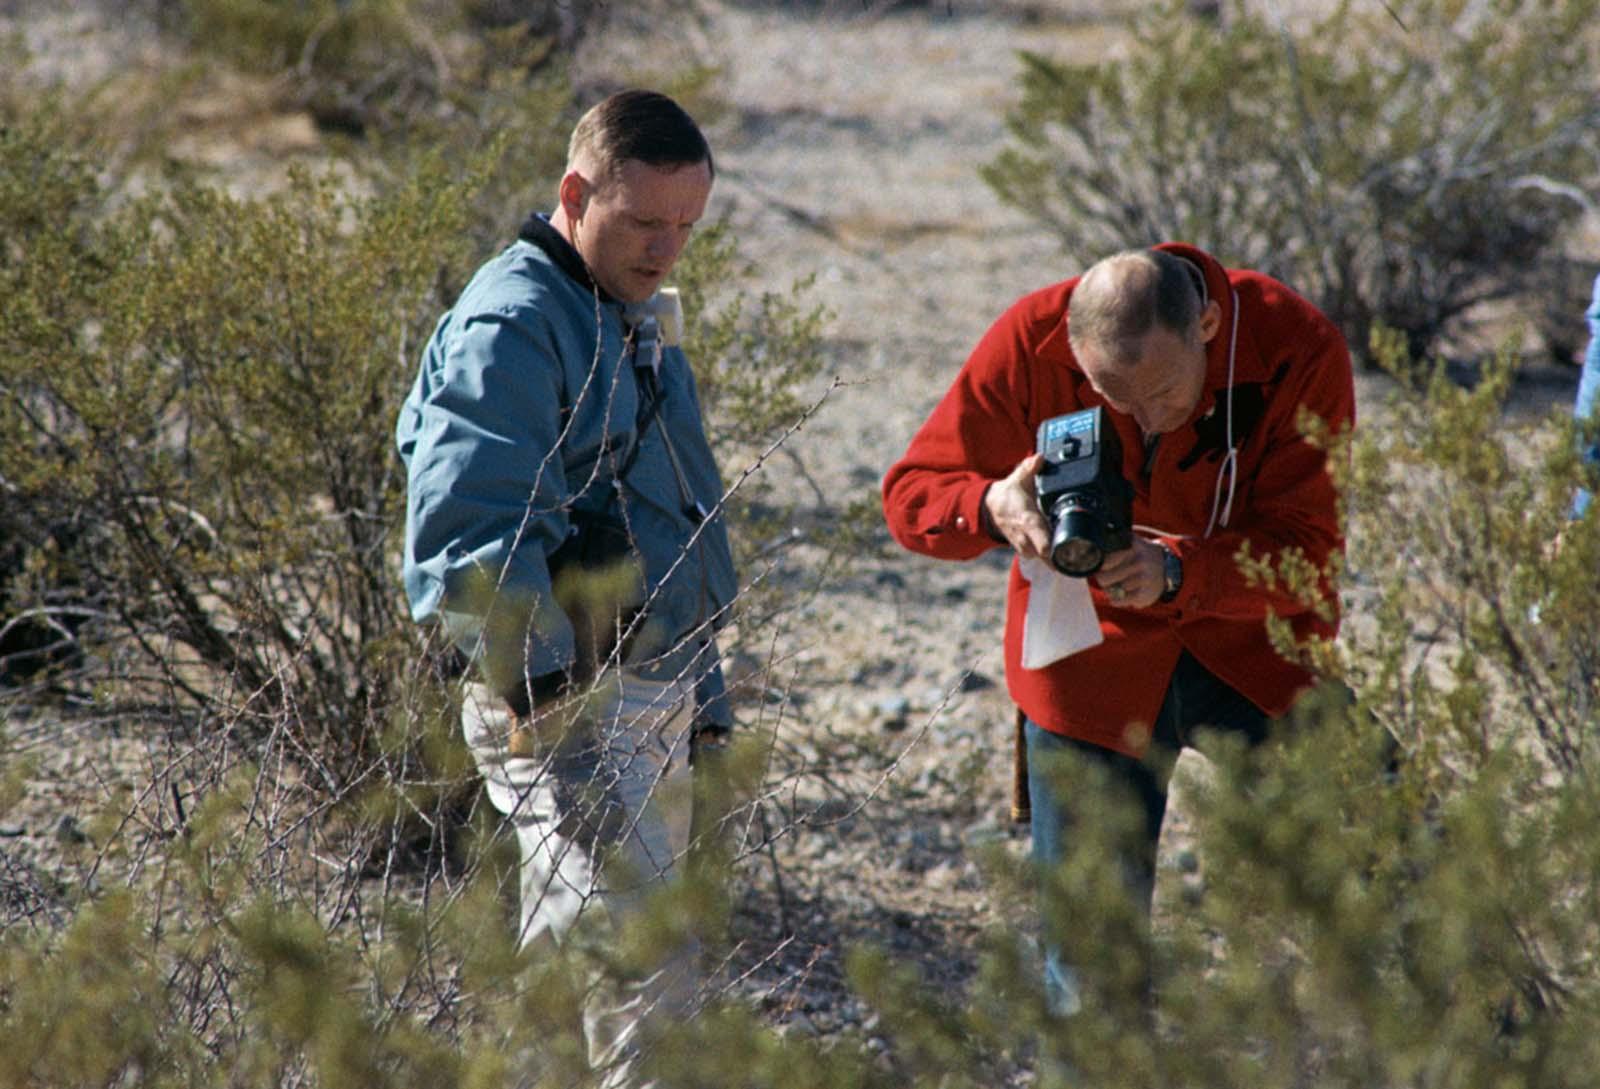 Os astronautas Neil Armstrong e Buzz Aldrin participam de uma viagem de campo de geologia em Sierra Blanca, Texas.